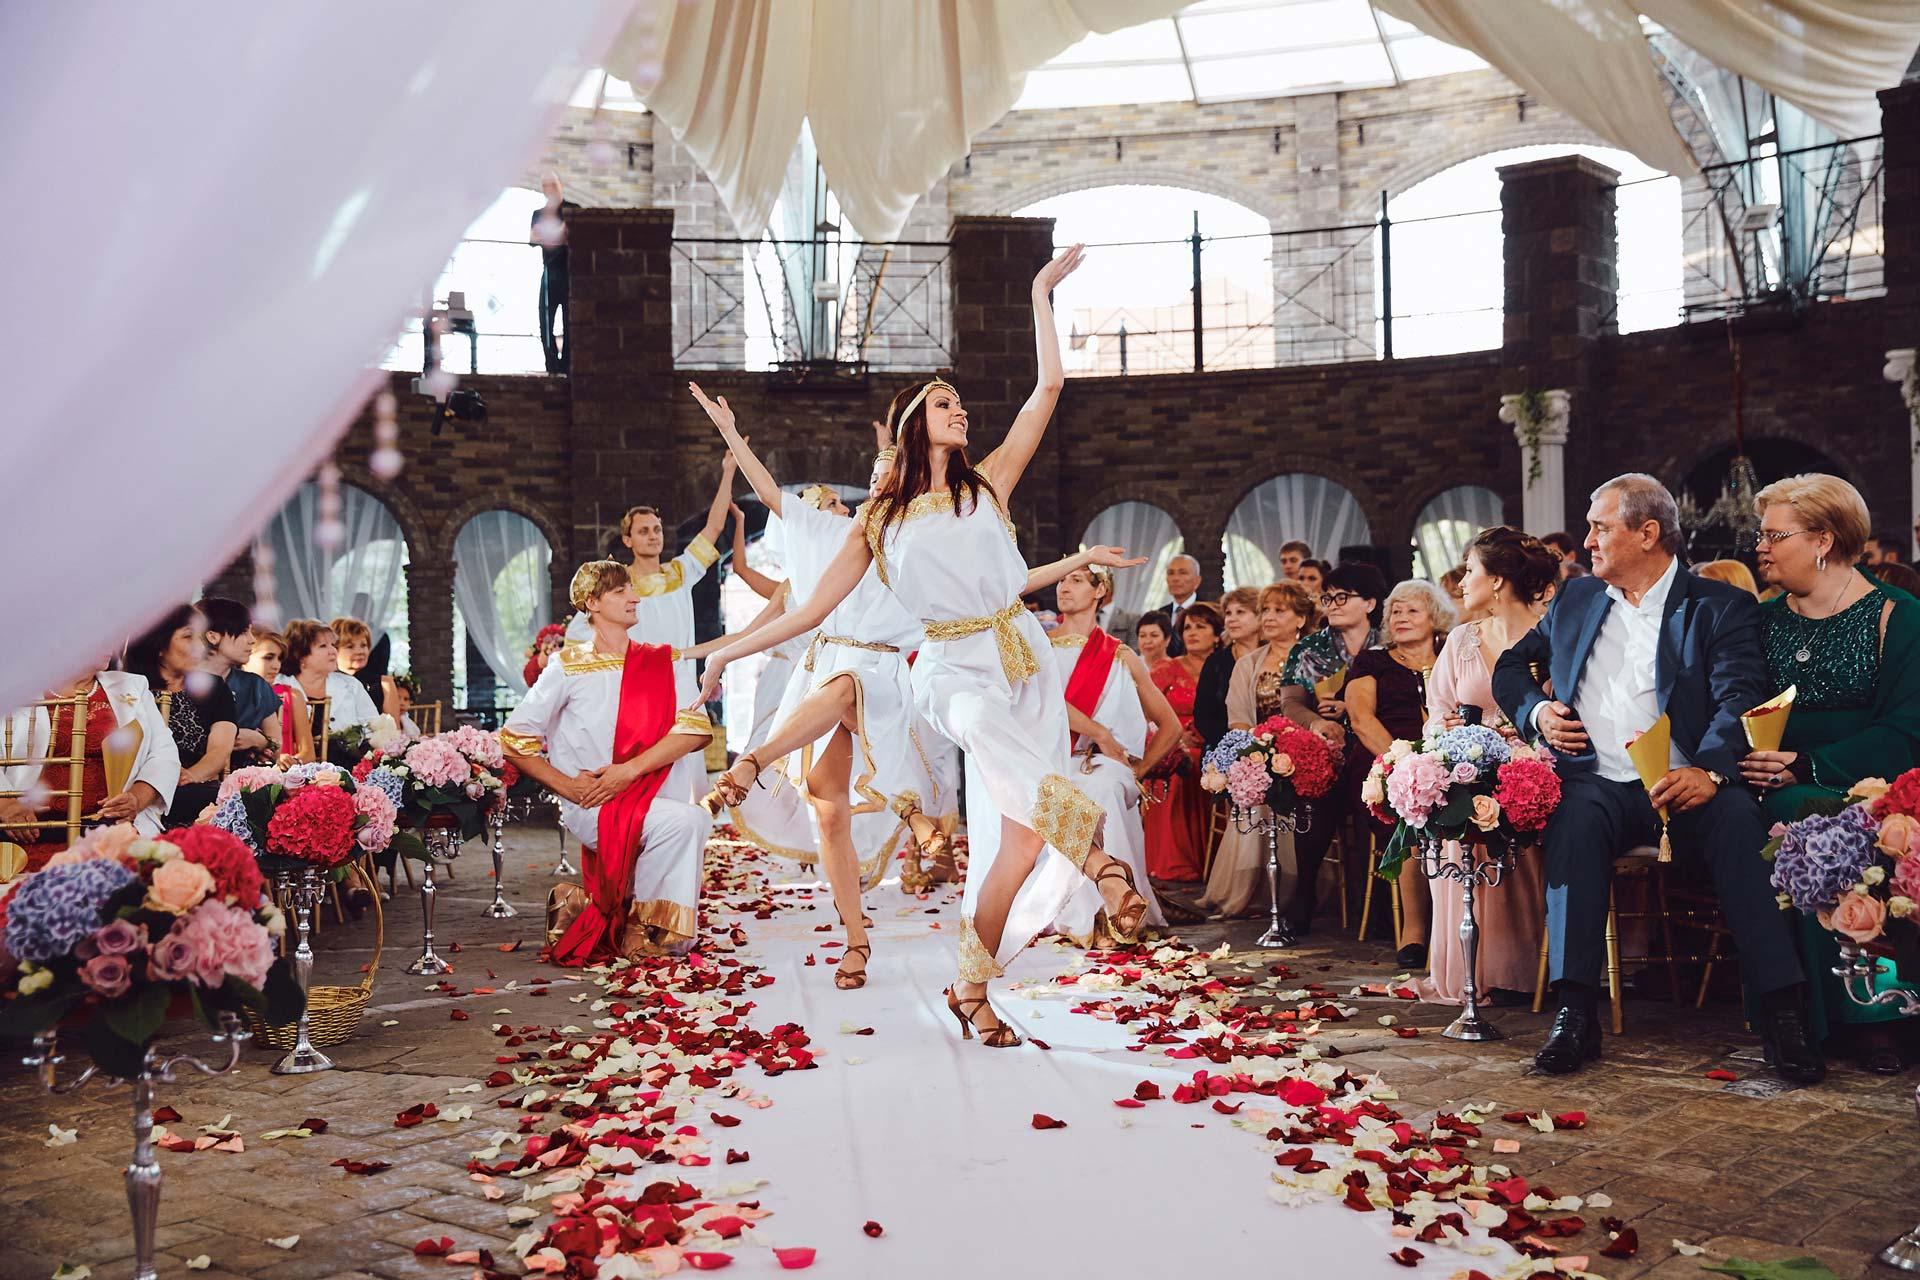 Мифология и национальные традиции. Свадьба Александра и Татьяны фото 14